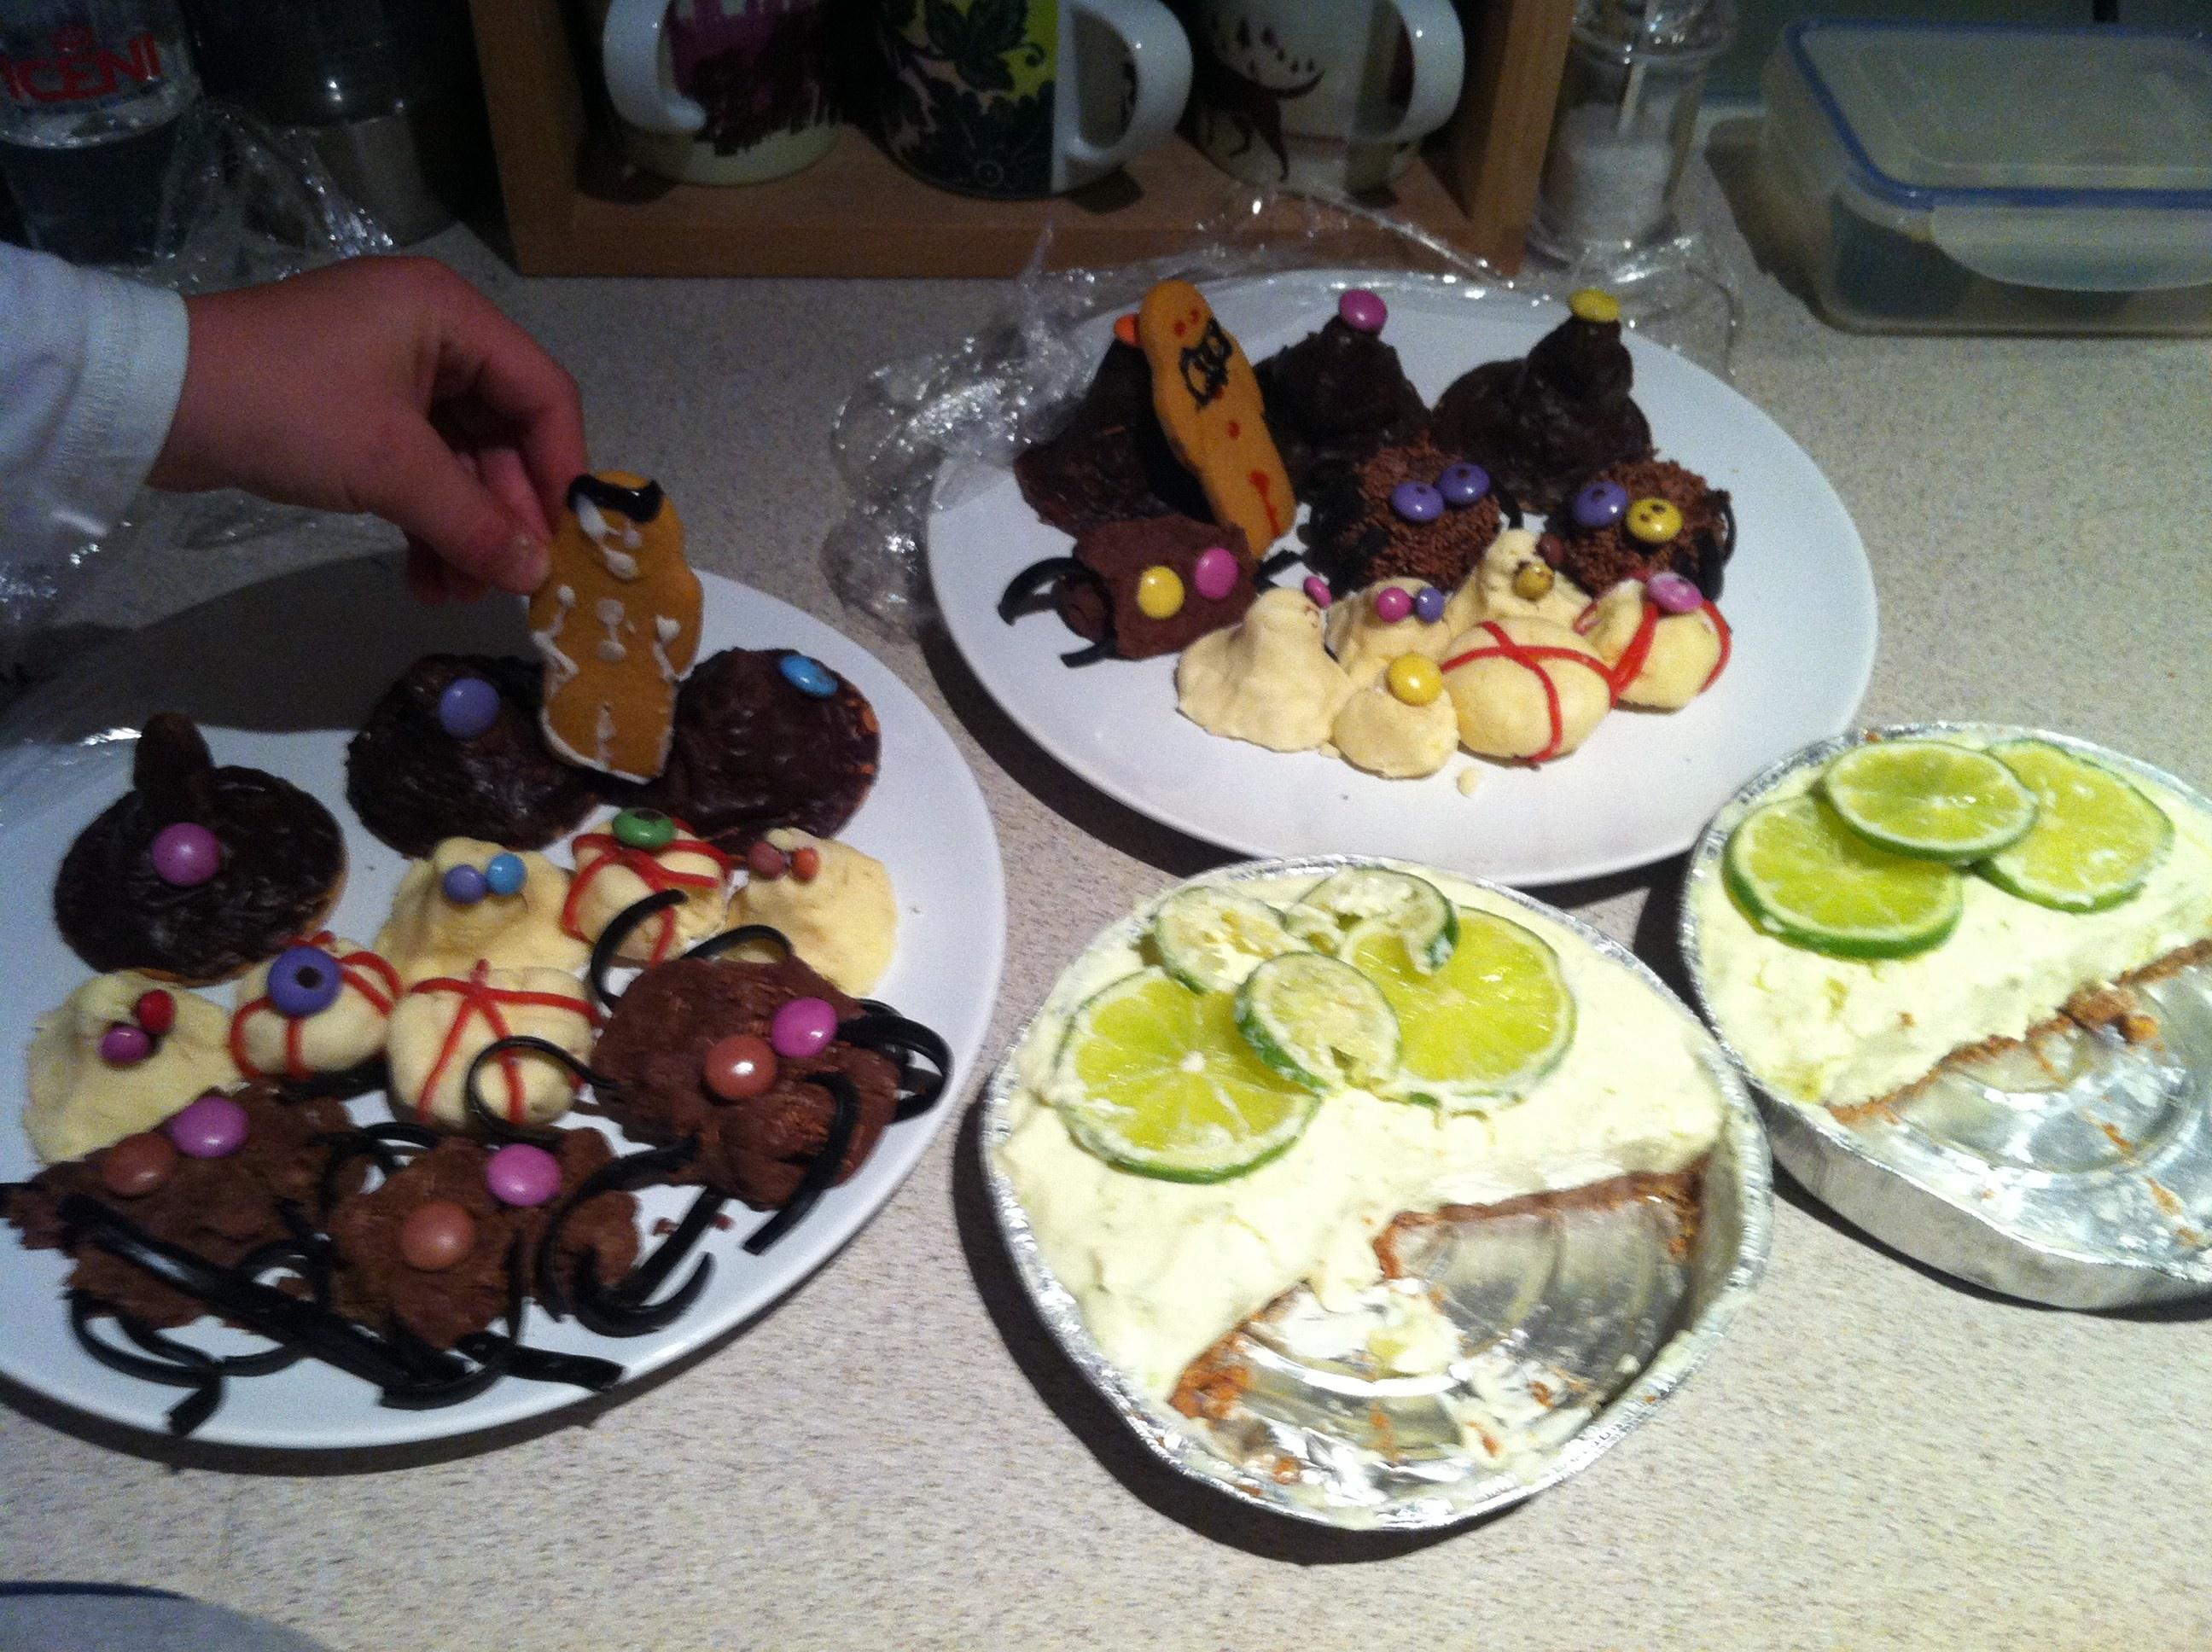 2012-07-18-kidsfood.jpg